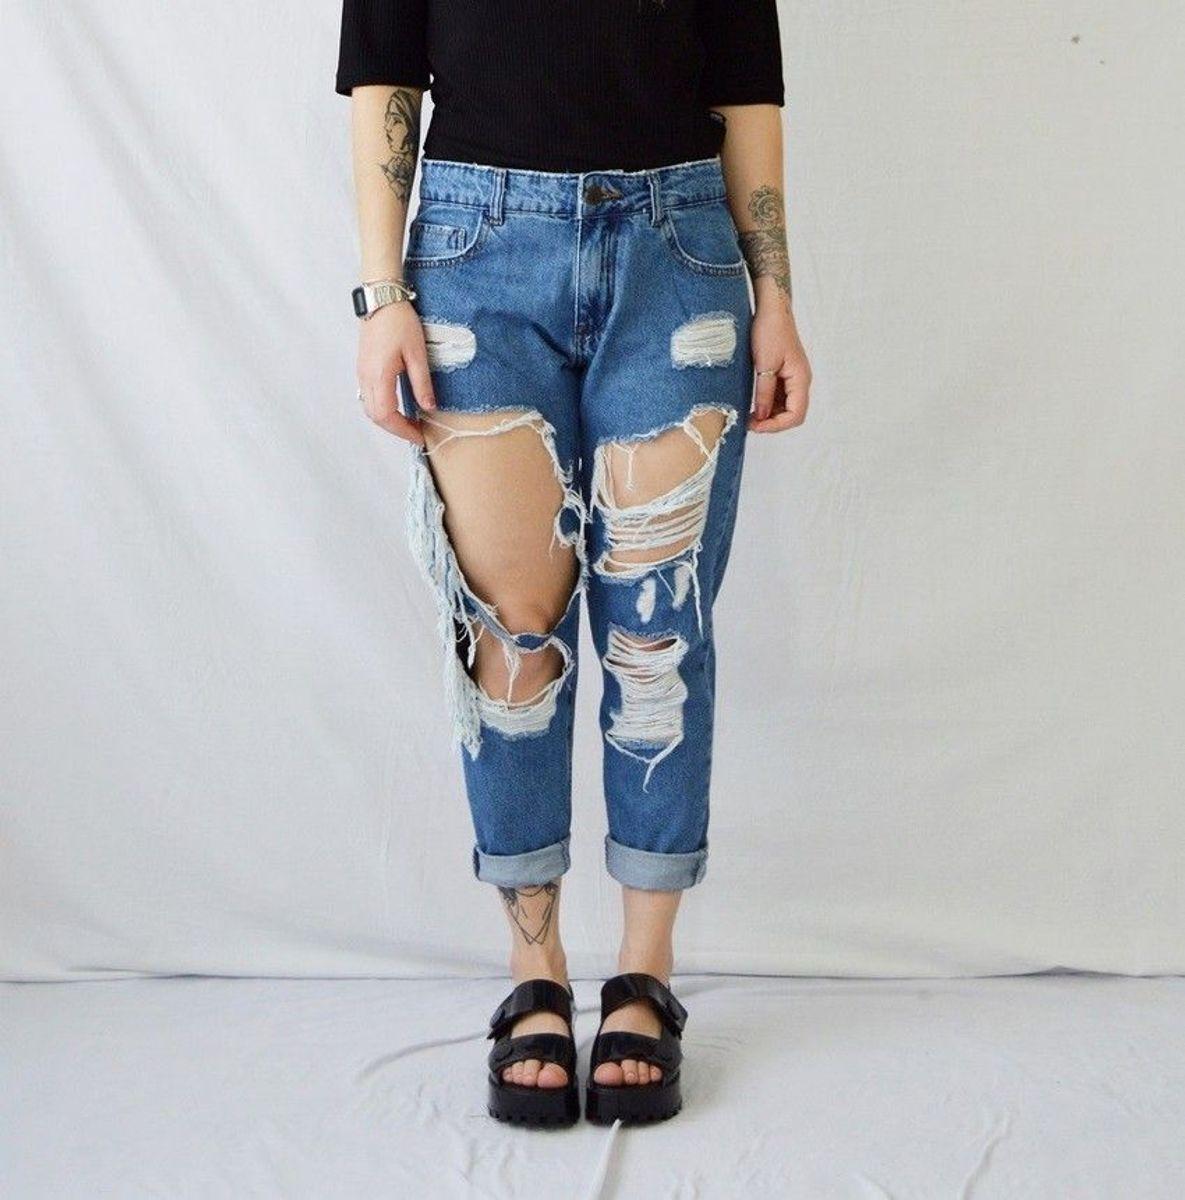 calça boyfriend - calças sem marca